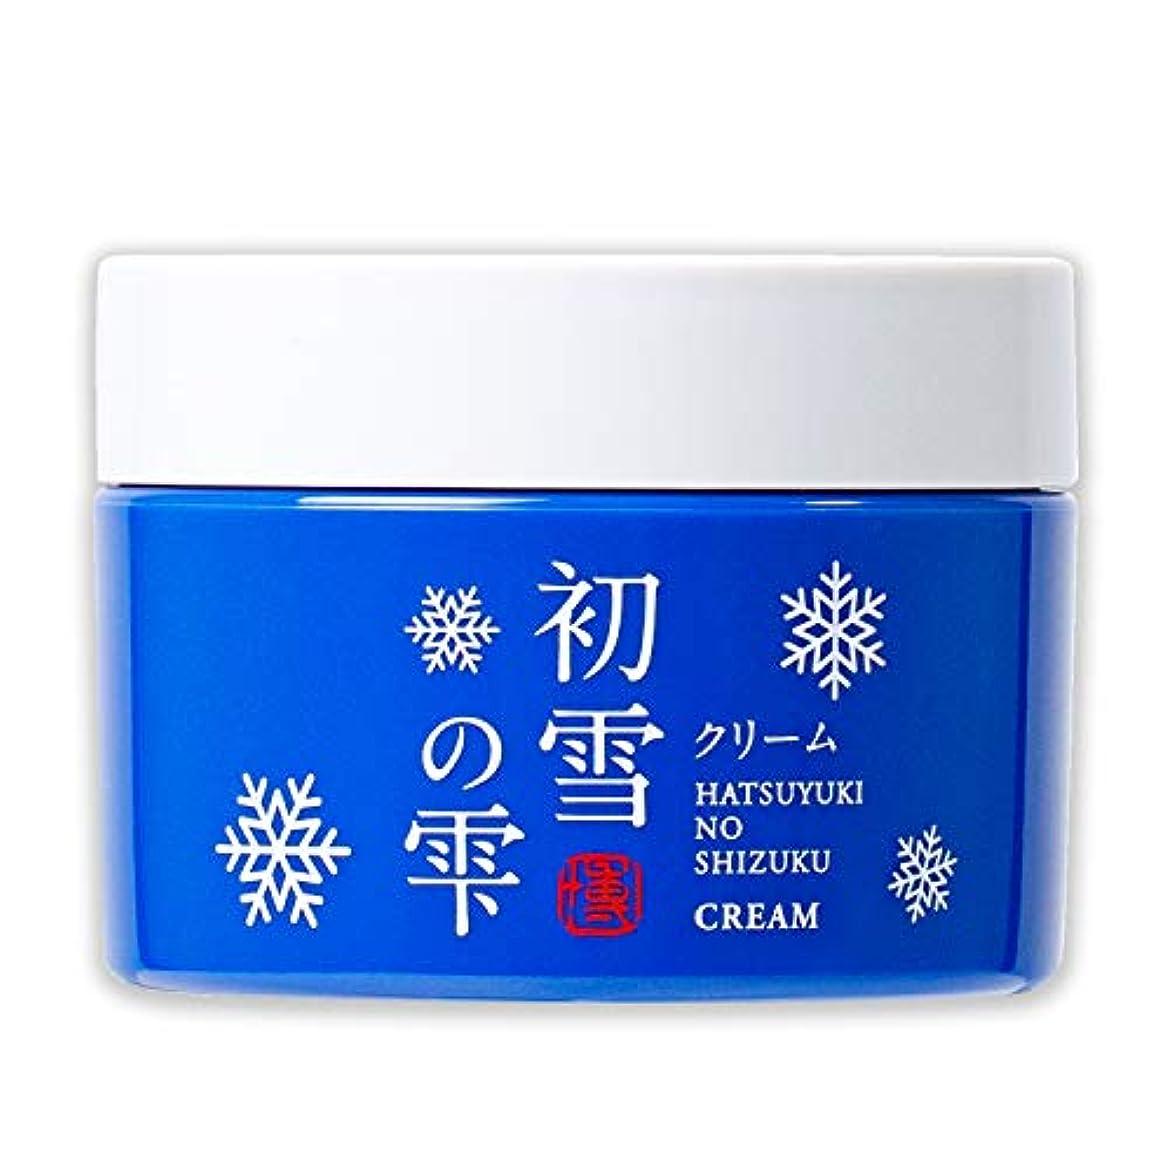 睡眠反逆実業家初雪の雫 オールインワン 保湿 クリーム 50g 約1~1.5ヶ月分 [プラセンタ ヒアルロン酸 セラミド アルブチン ビタミンC ]